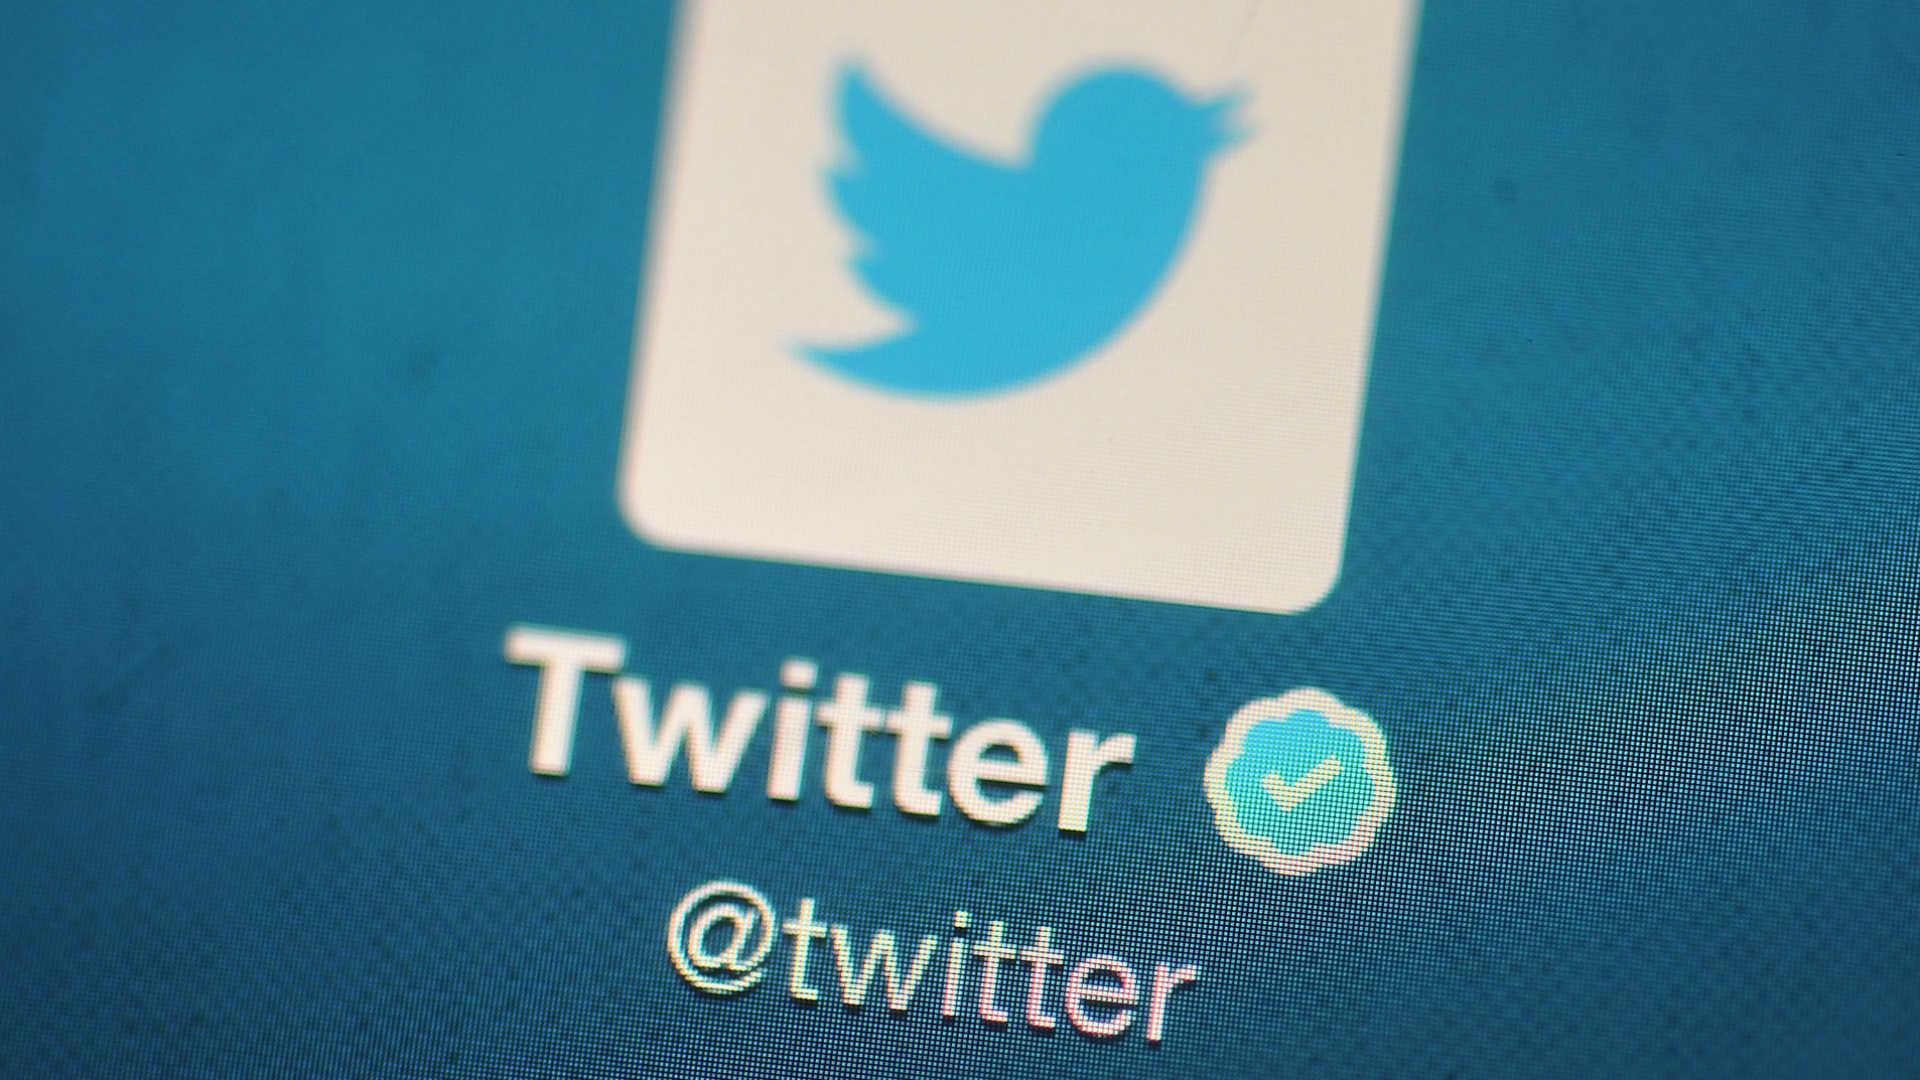 Twitter-logo-FTR-0227-GI.jpg